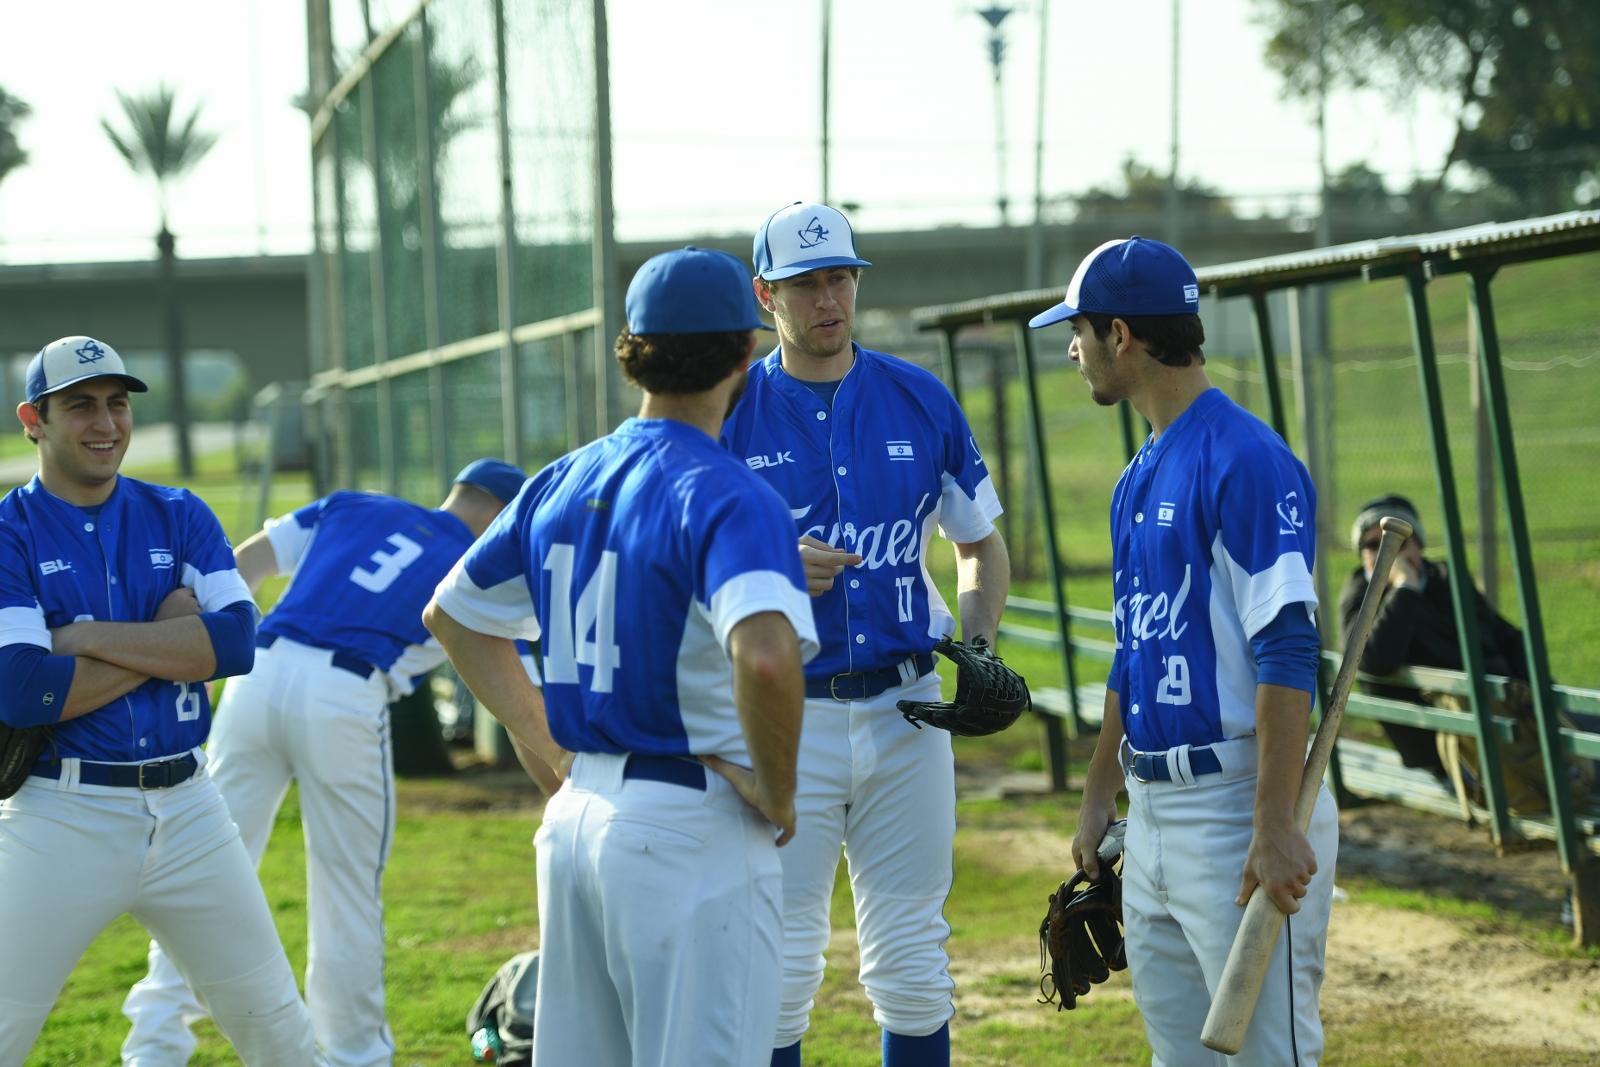 נבחרת ישראל בייסבול